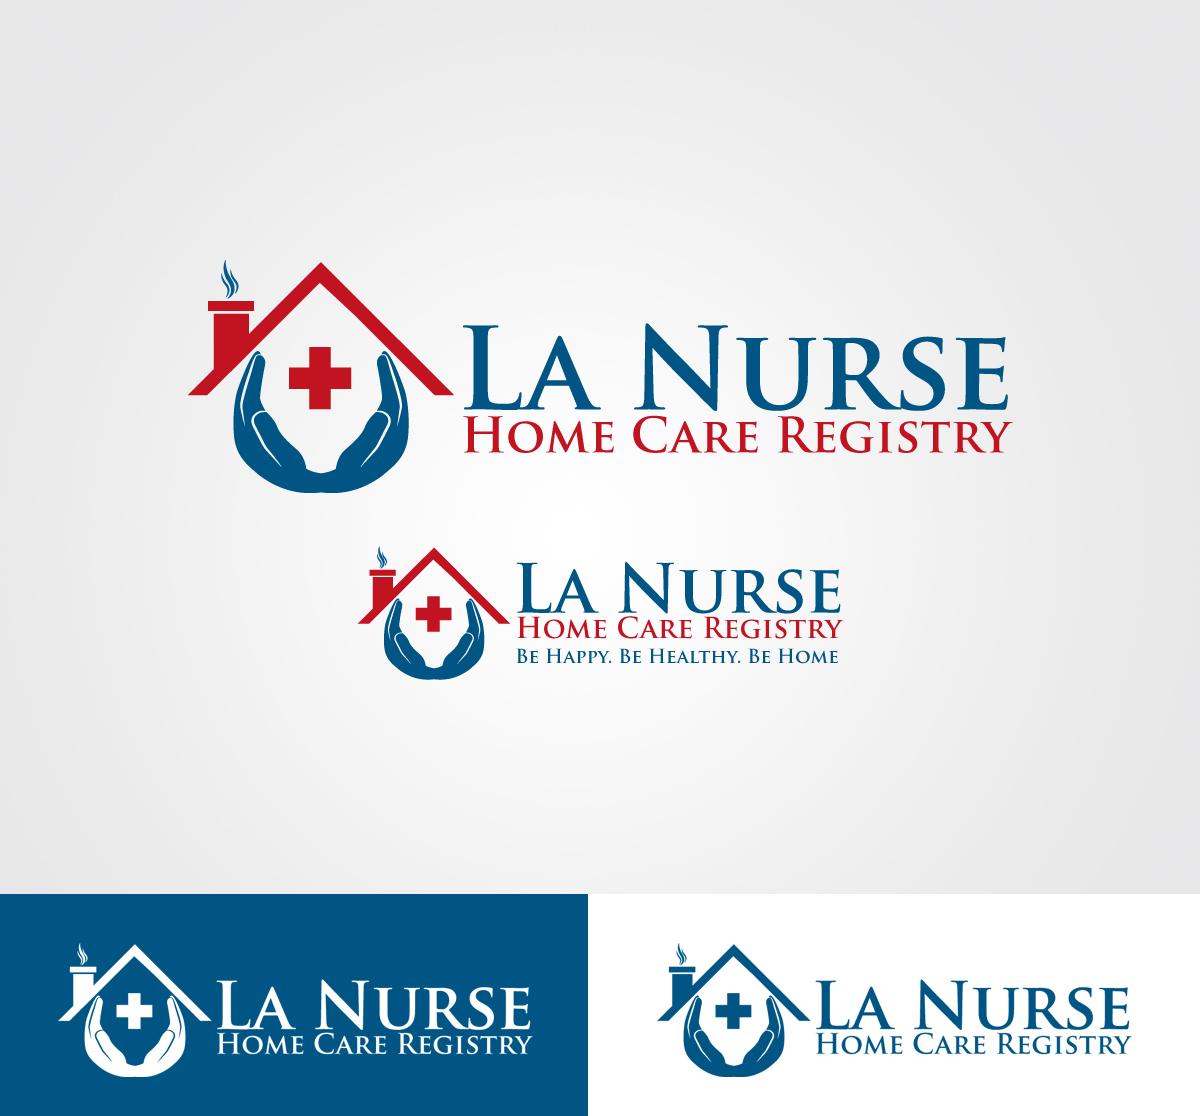 84 elegant serious home health care logo designs for la nurse home care registry a home health - Home health care logo design ...